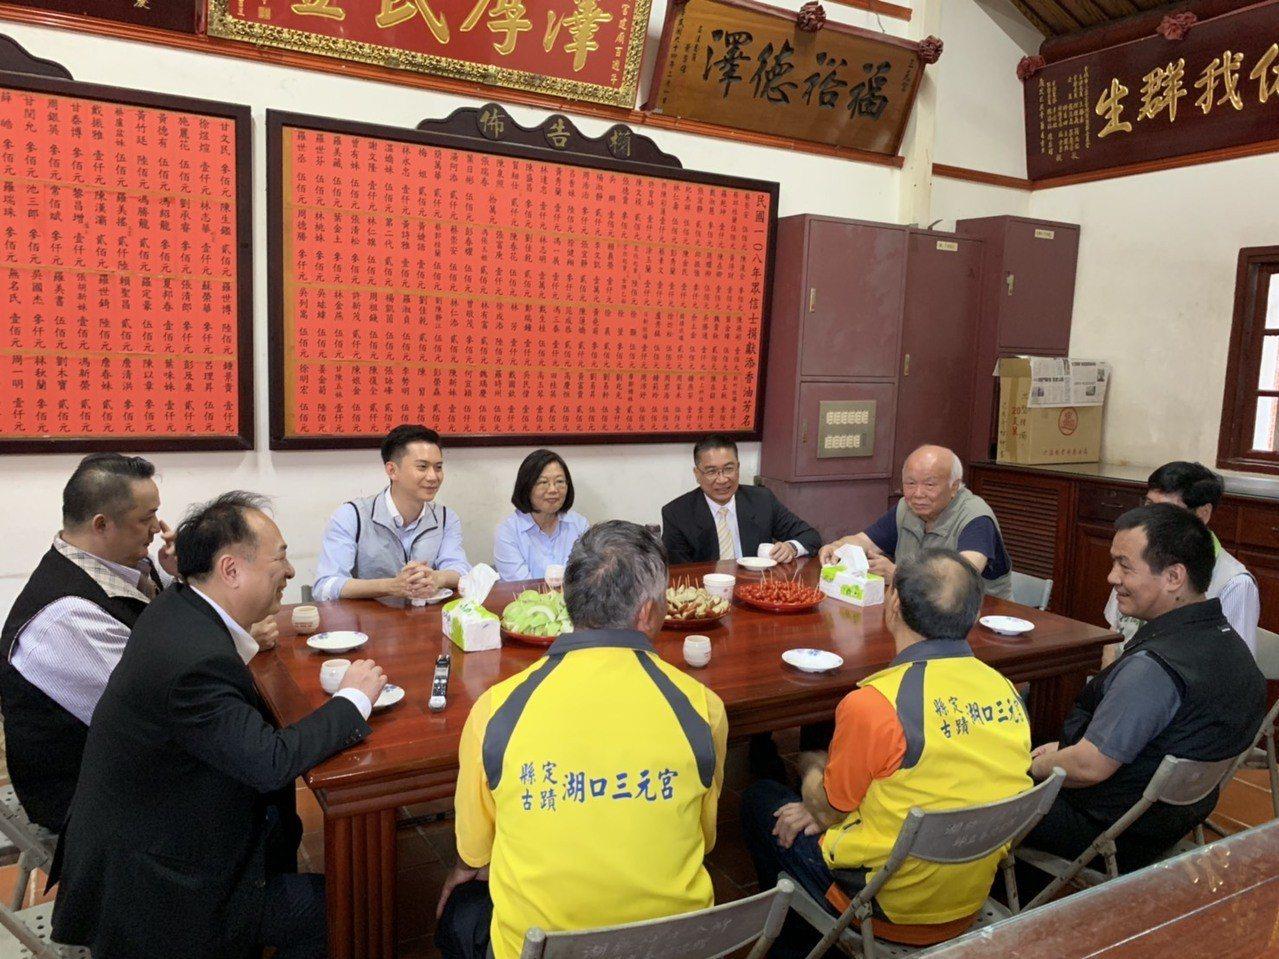 總統蔡英文在湖口三元宮內與地方人士茶敘。記者陳斯穎/攝影